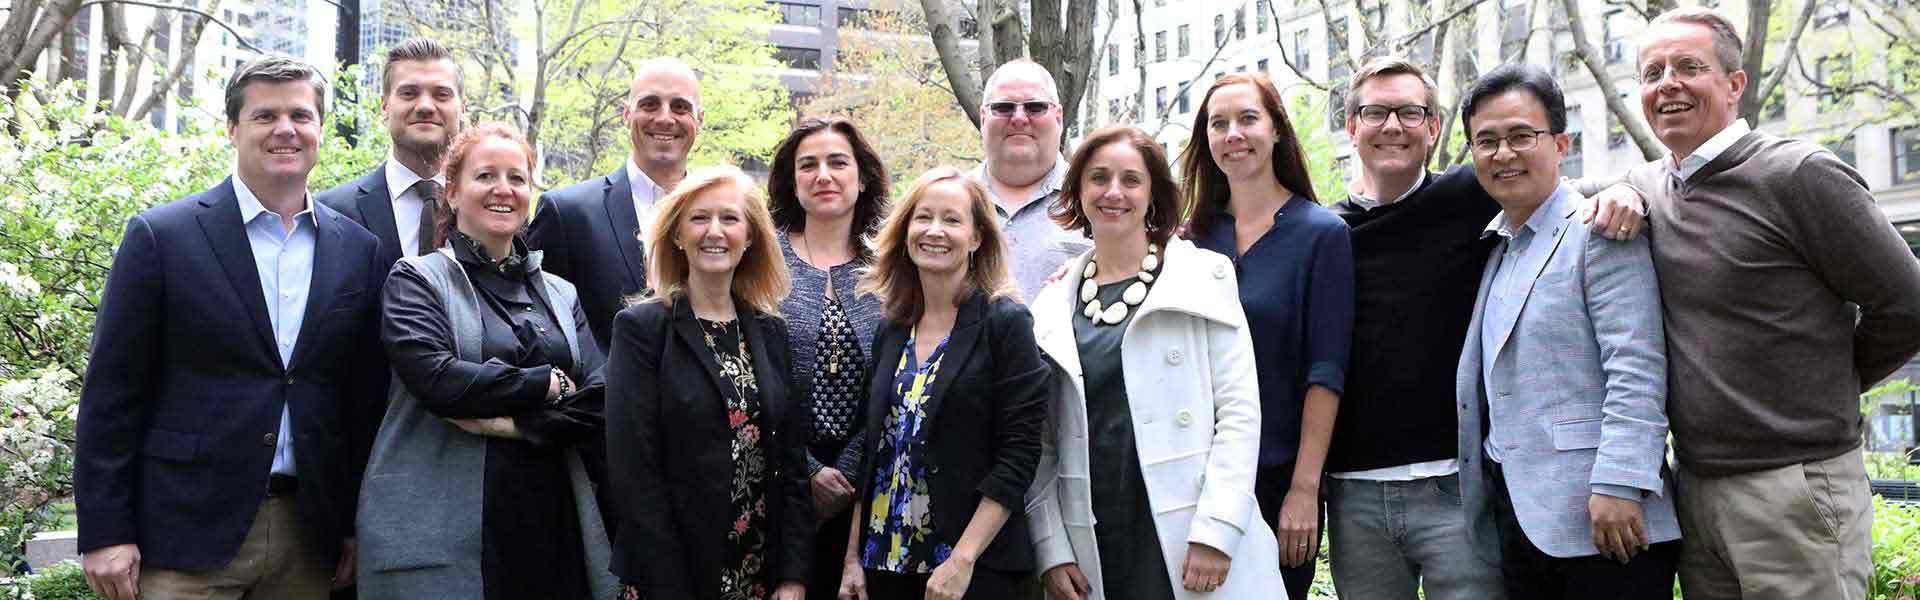 Đội ngũ Bán hàng và Trường học của Educatius năm 2019